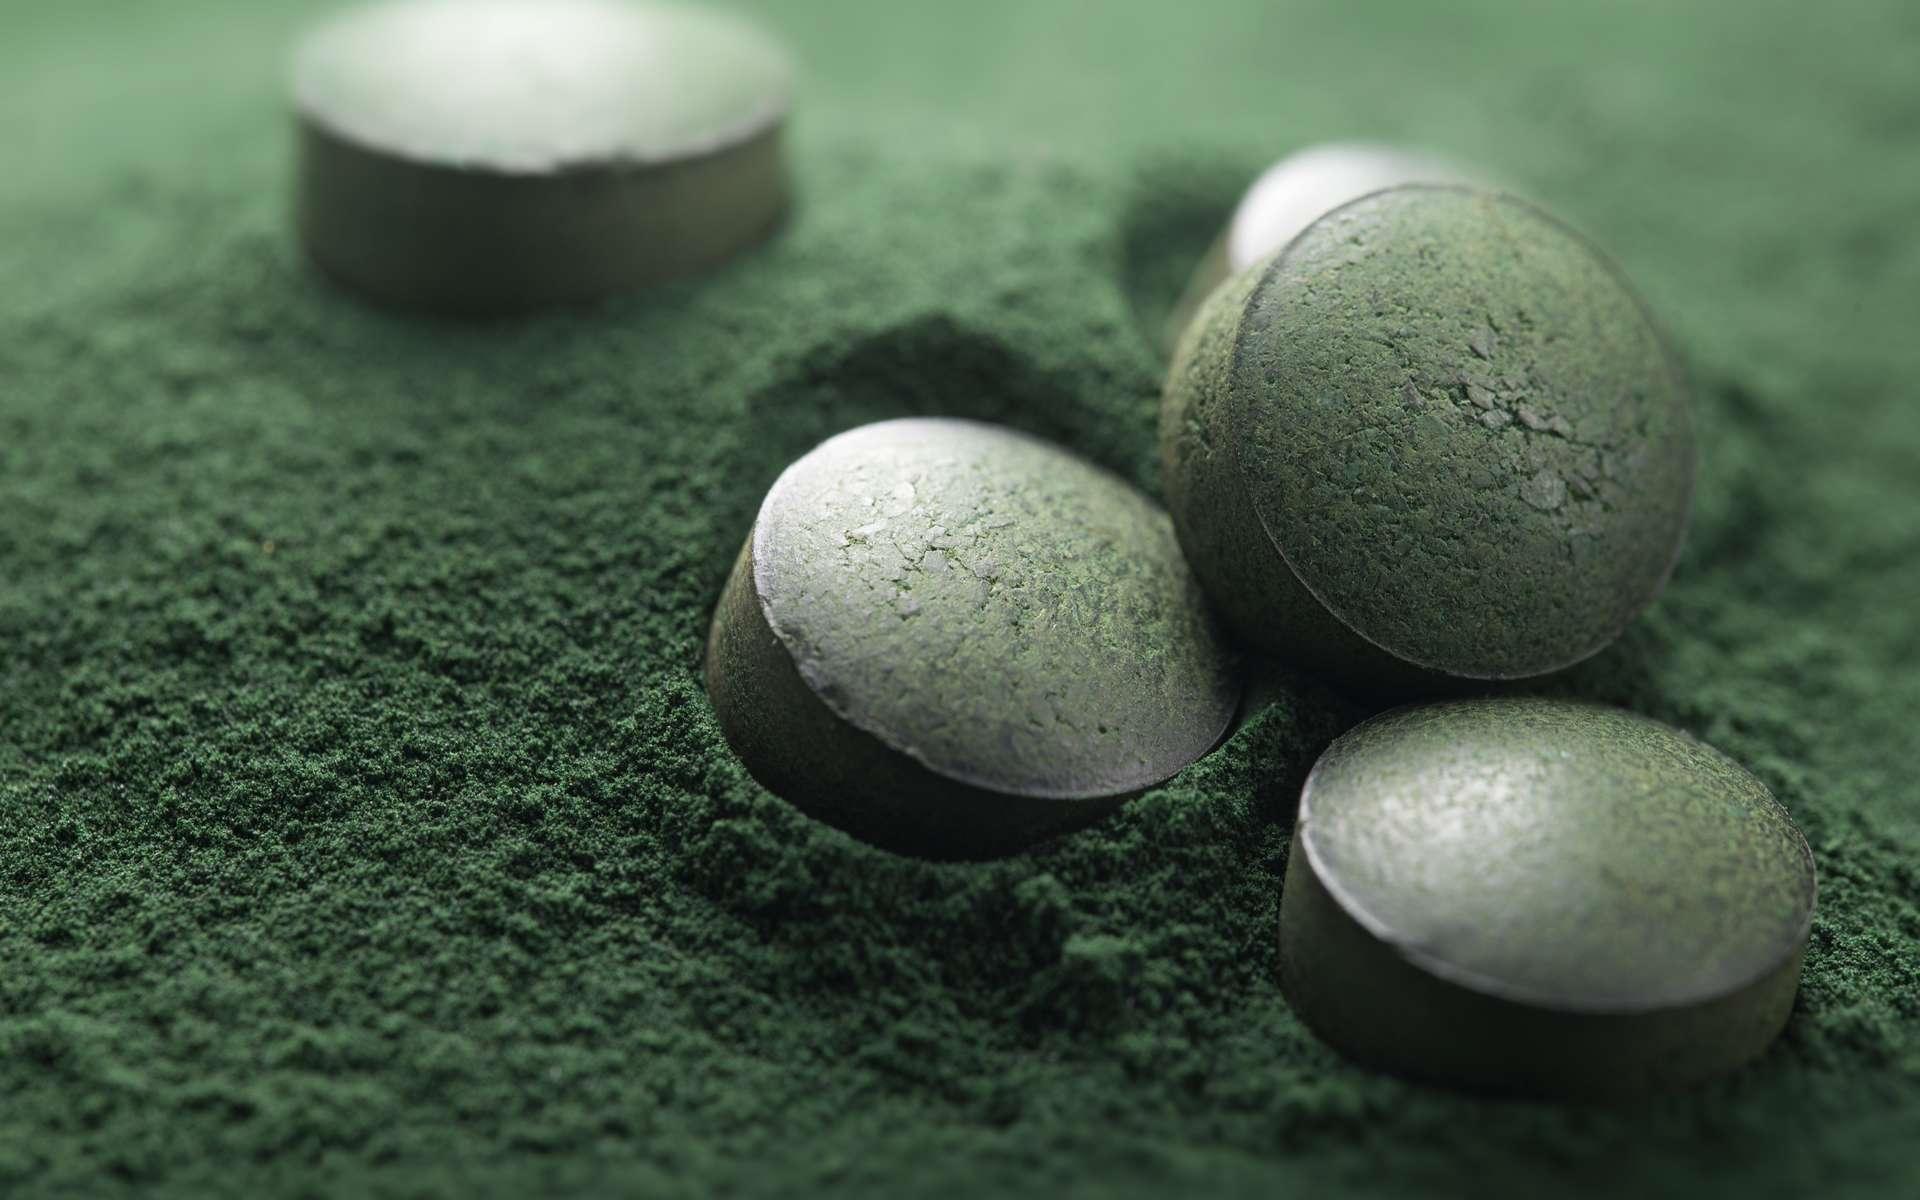 La spiruline, une micro-algue qui nous veut du bien. © Olivier Le Moal, Adobe Stock